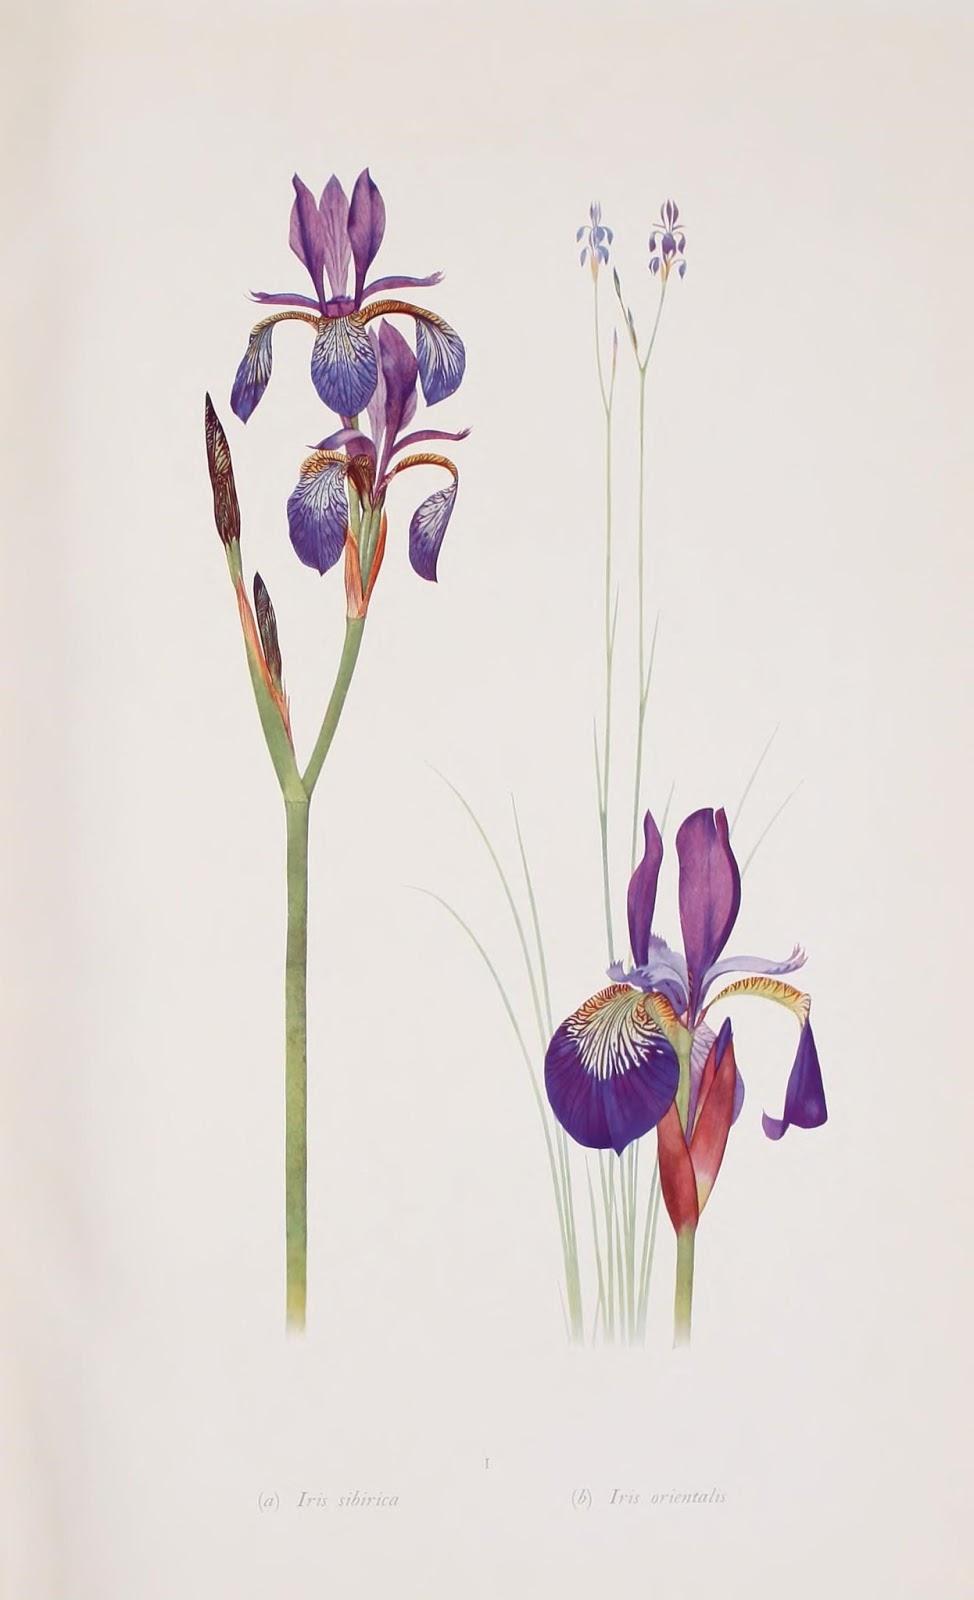 flor de lirio siberiano y lirio oriental color azul y púrpura